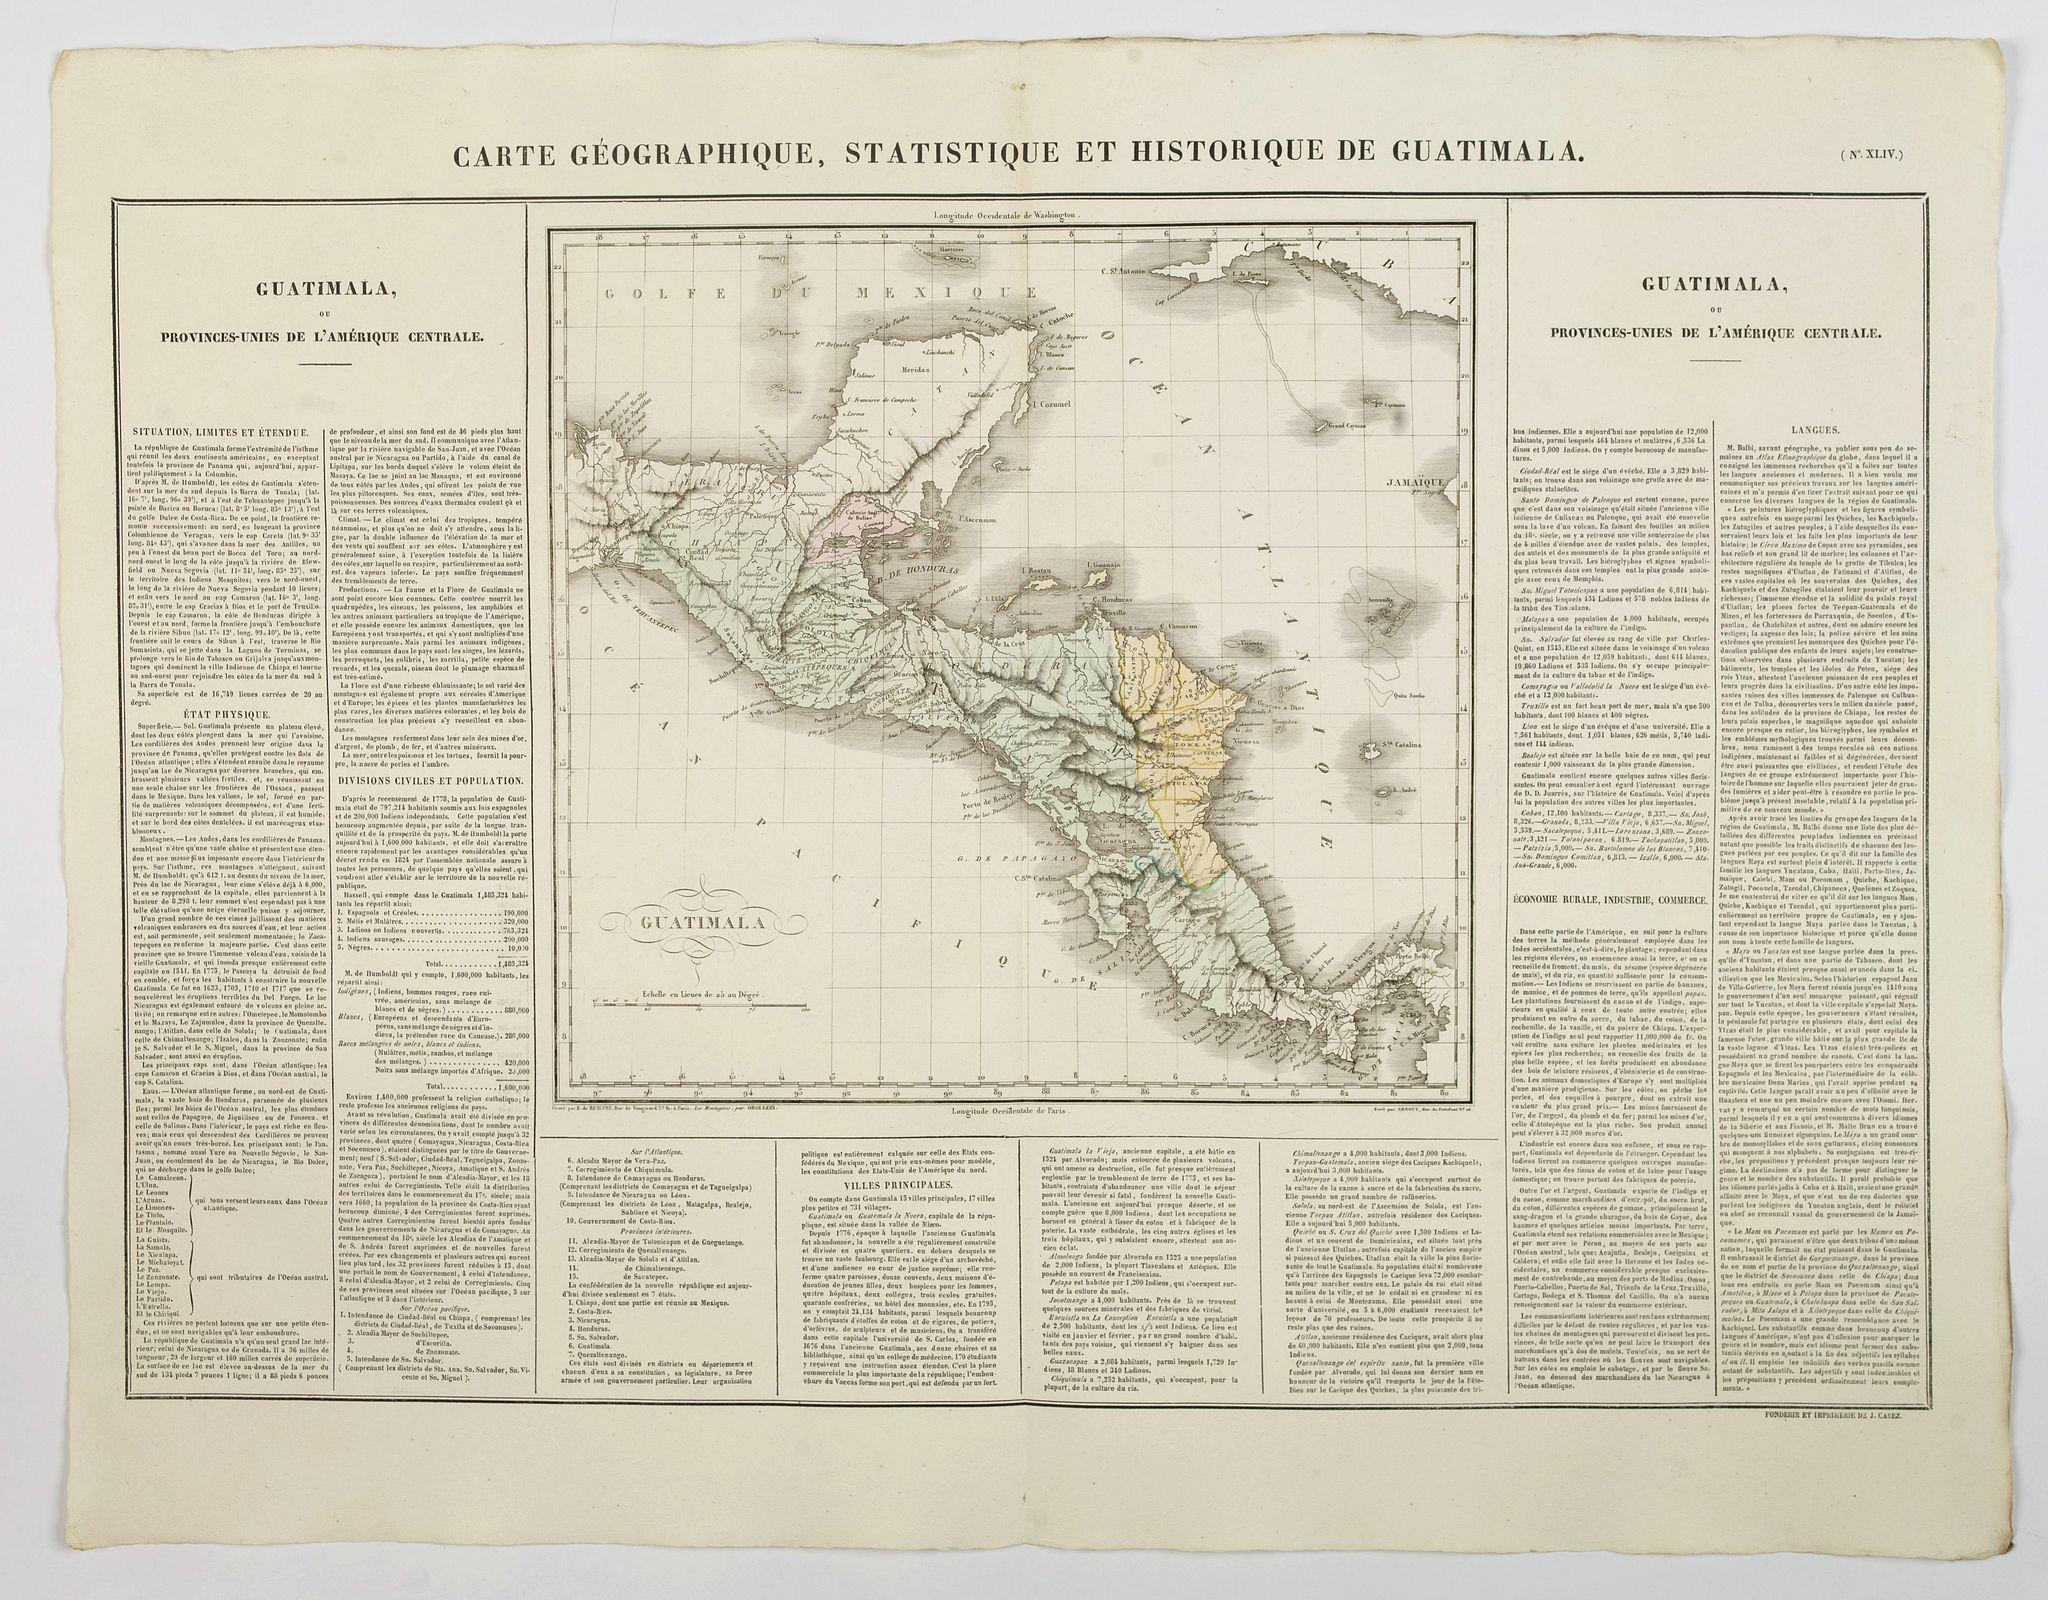 BUCHON, J.A. -  Carte Geographique, Statistique et Historique de Guatimala.